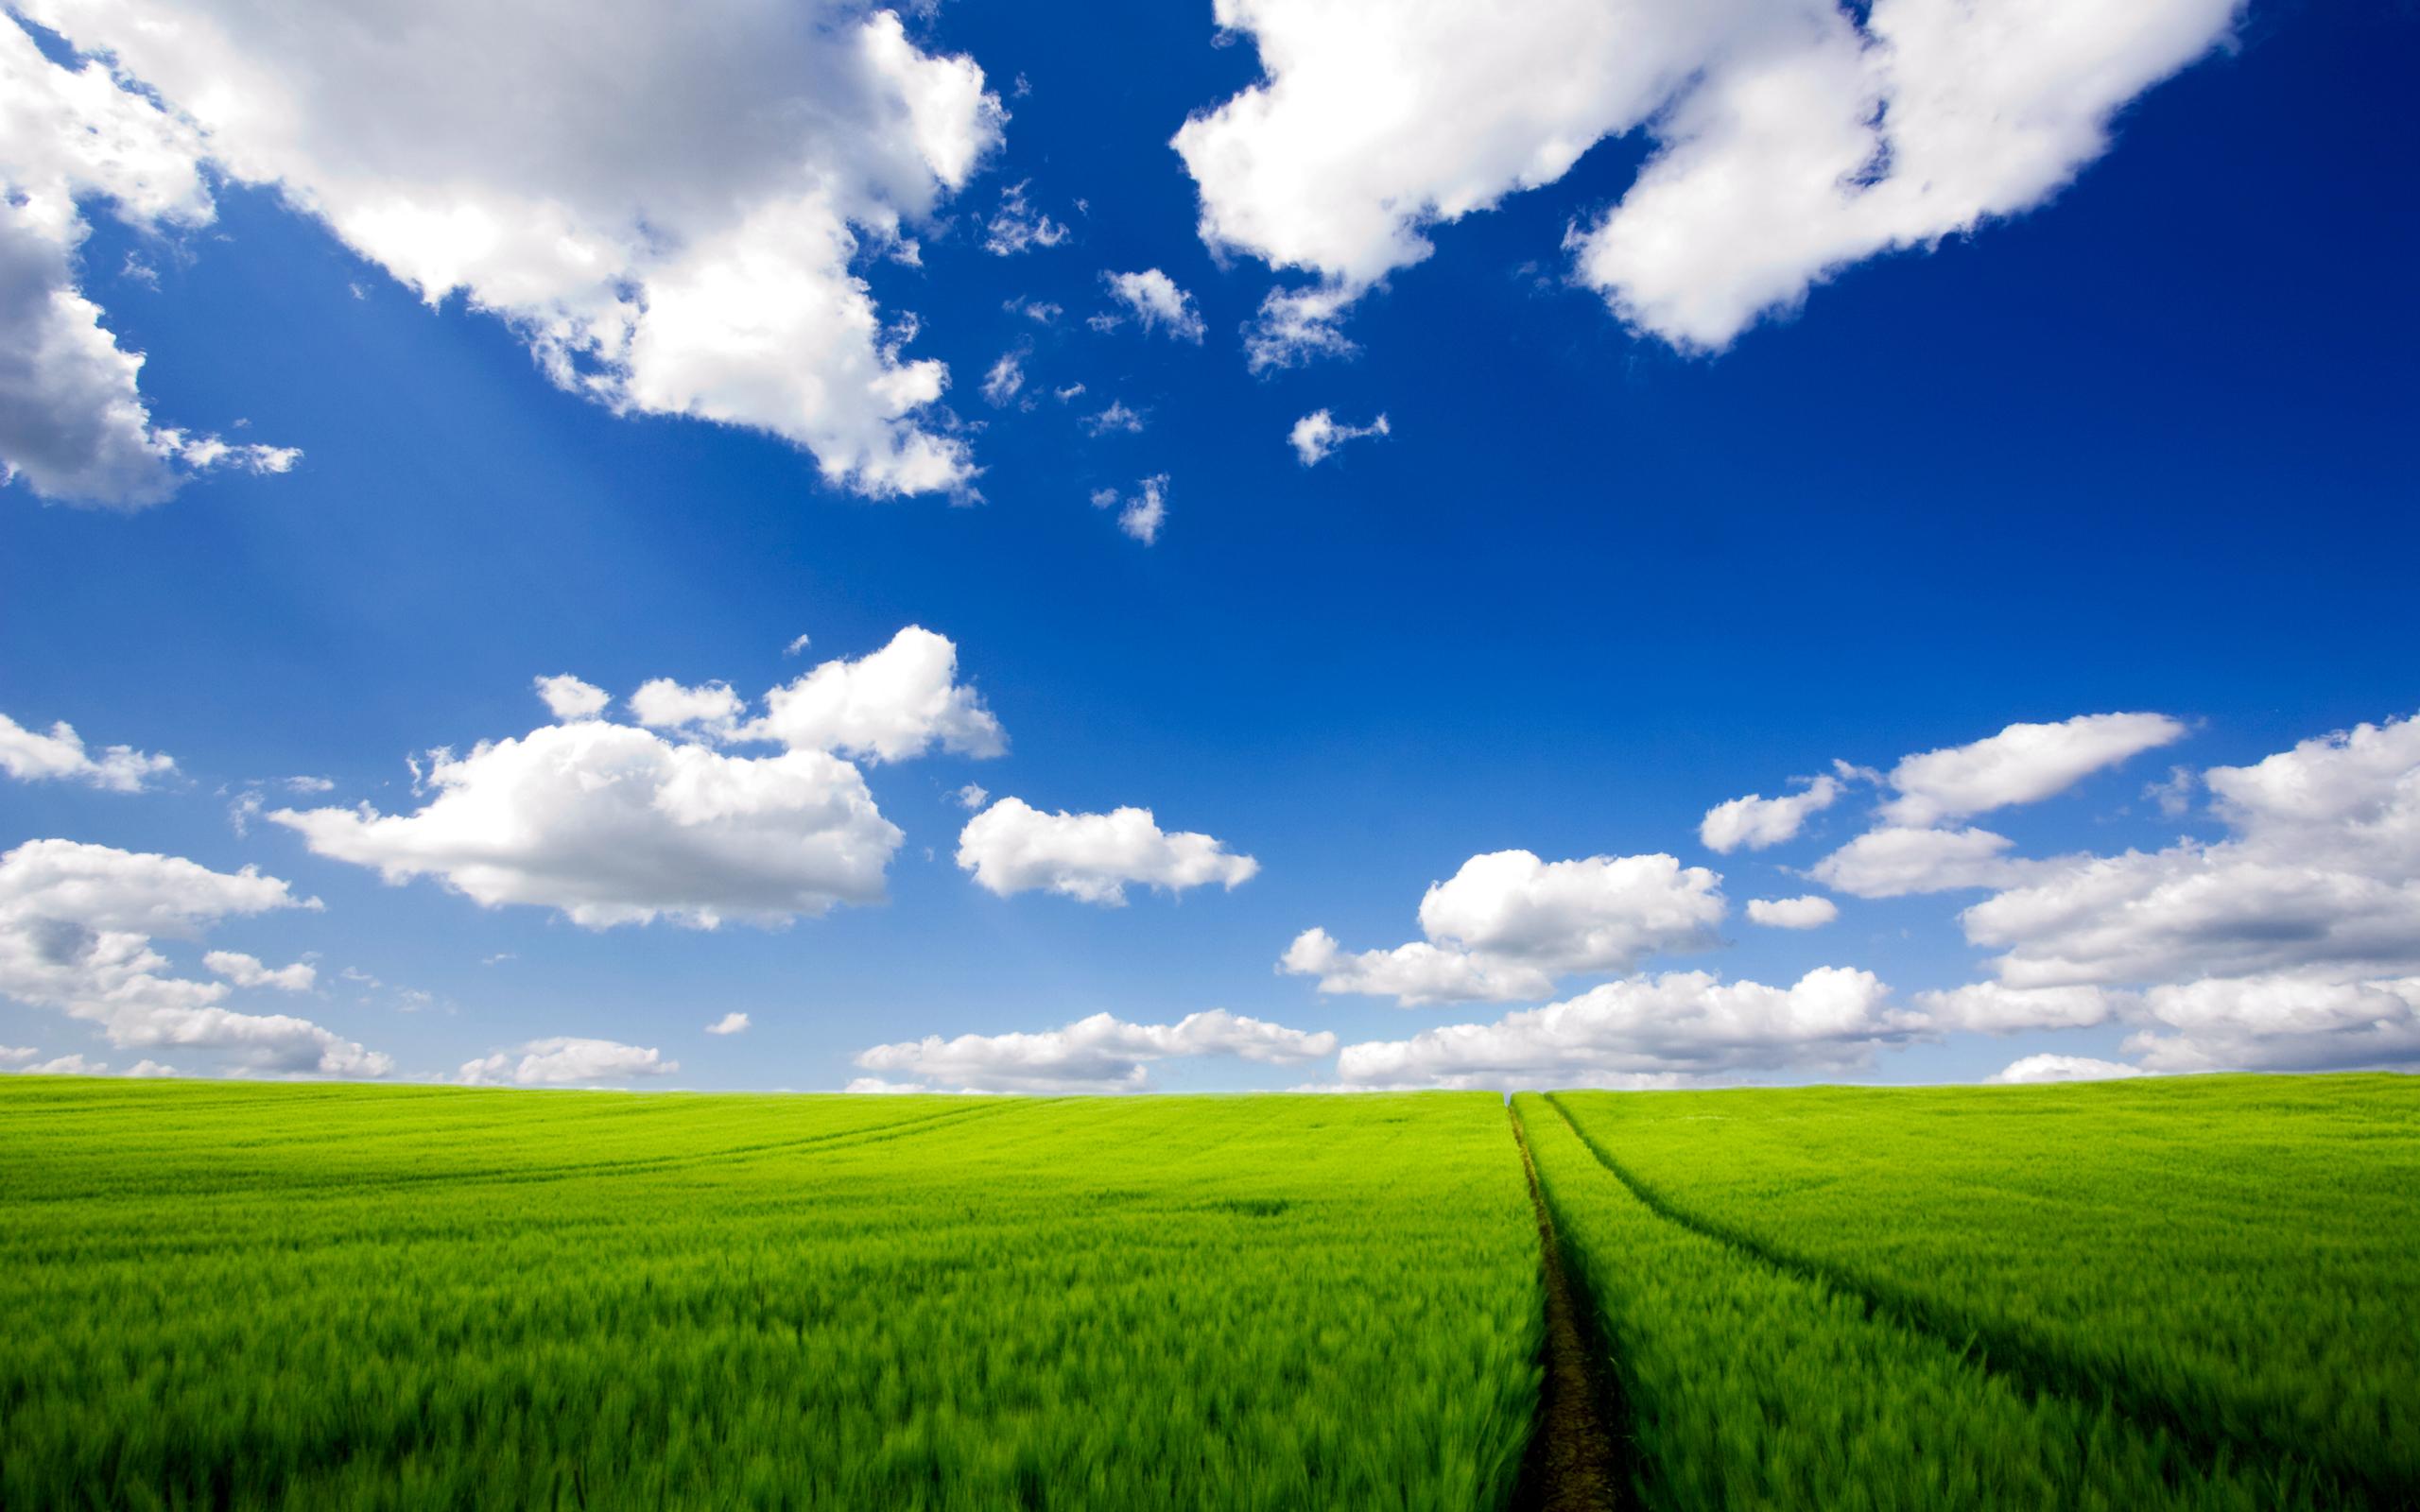 природа небо облака дорога горизонт  № 772109 бесплатно